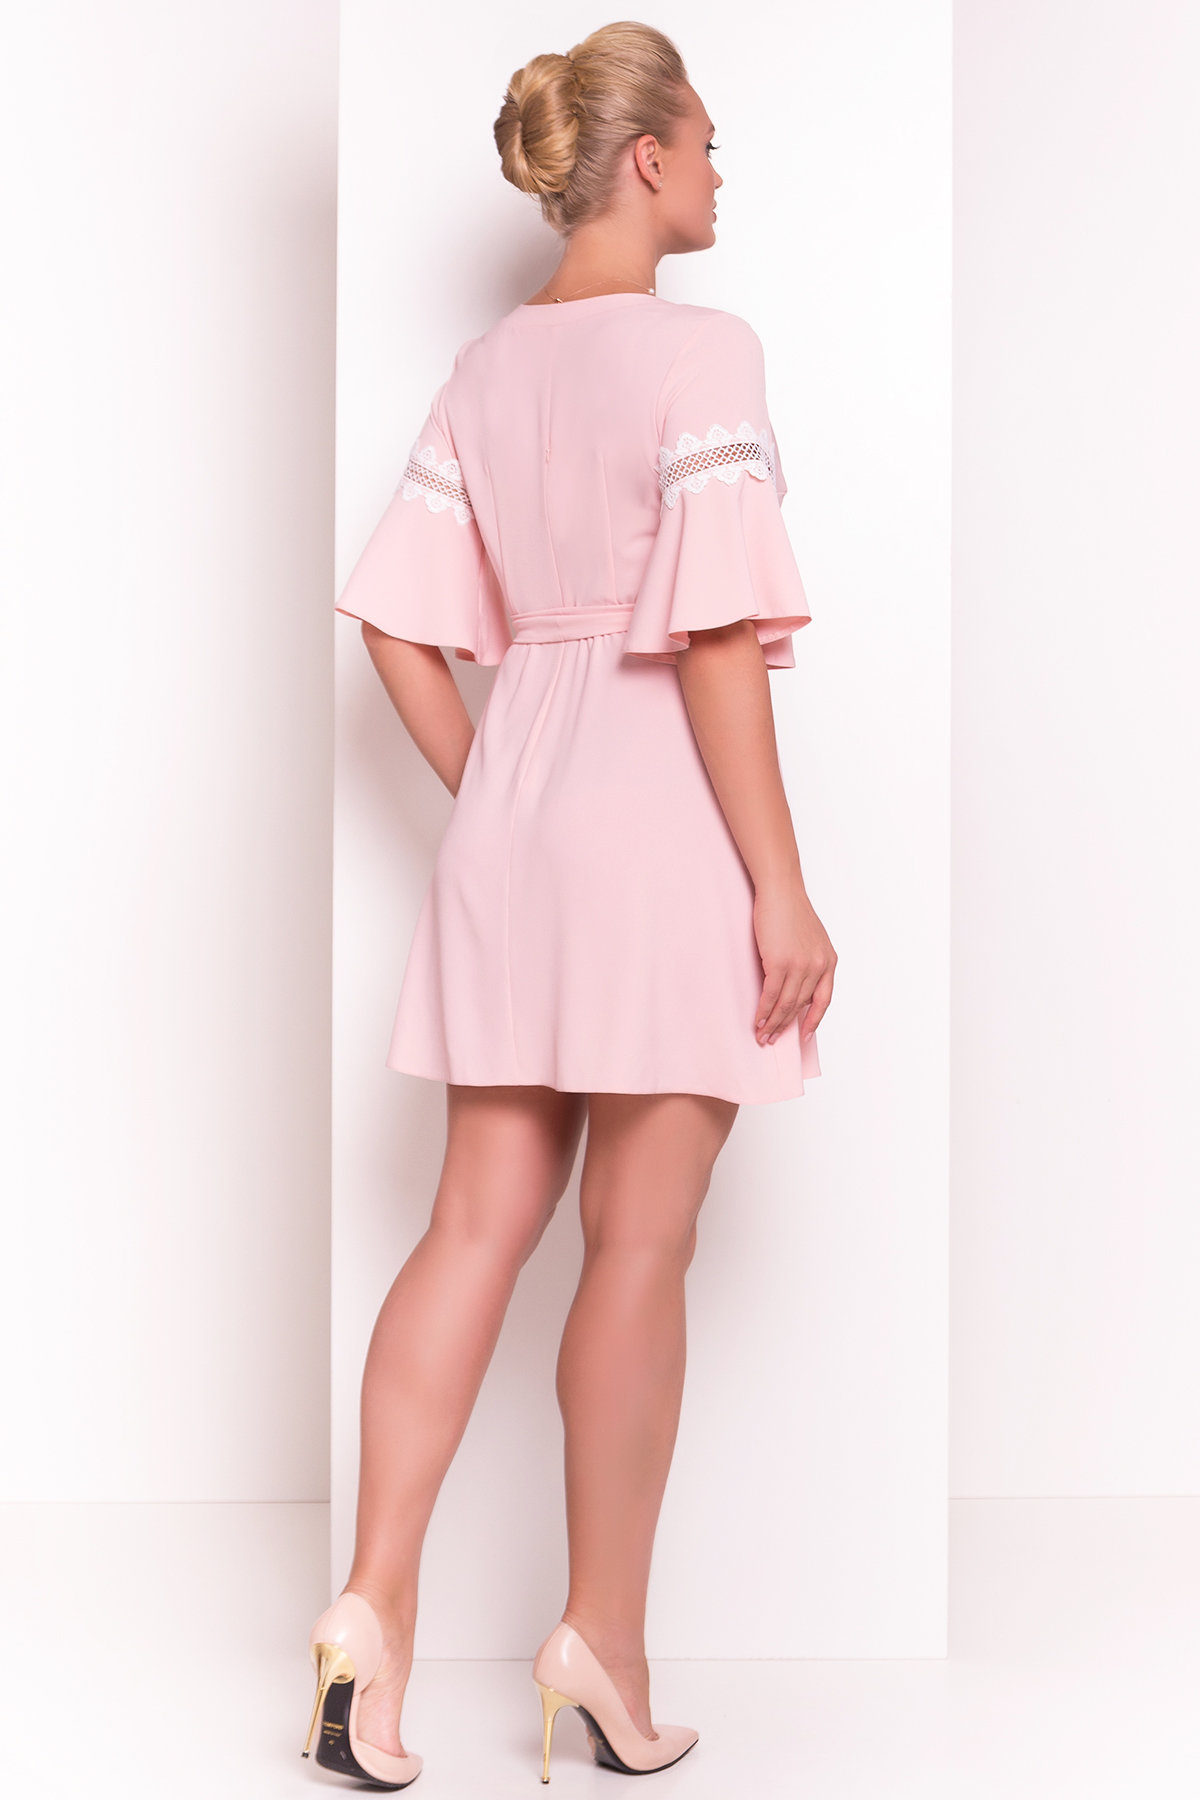 Платье Аделина Donna 5026 АРТ. 35523 Цвет: Персик - фото 3, интернет магазин tm-modus.ru